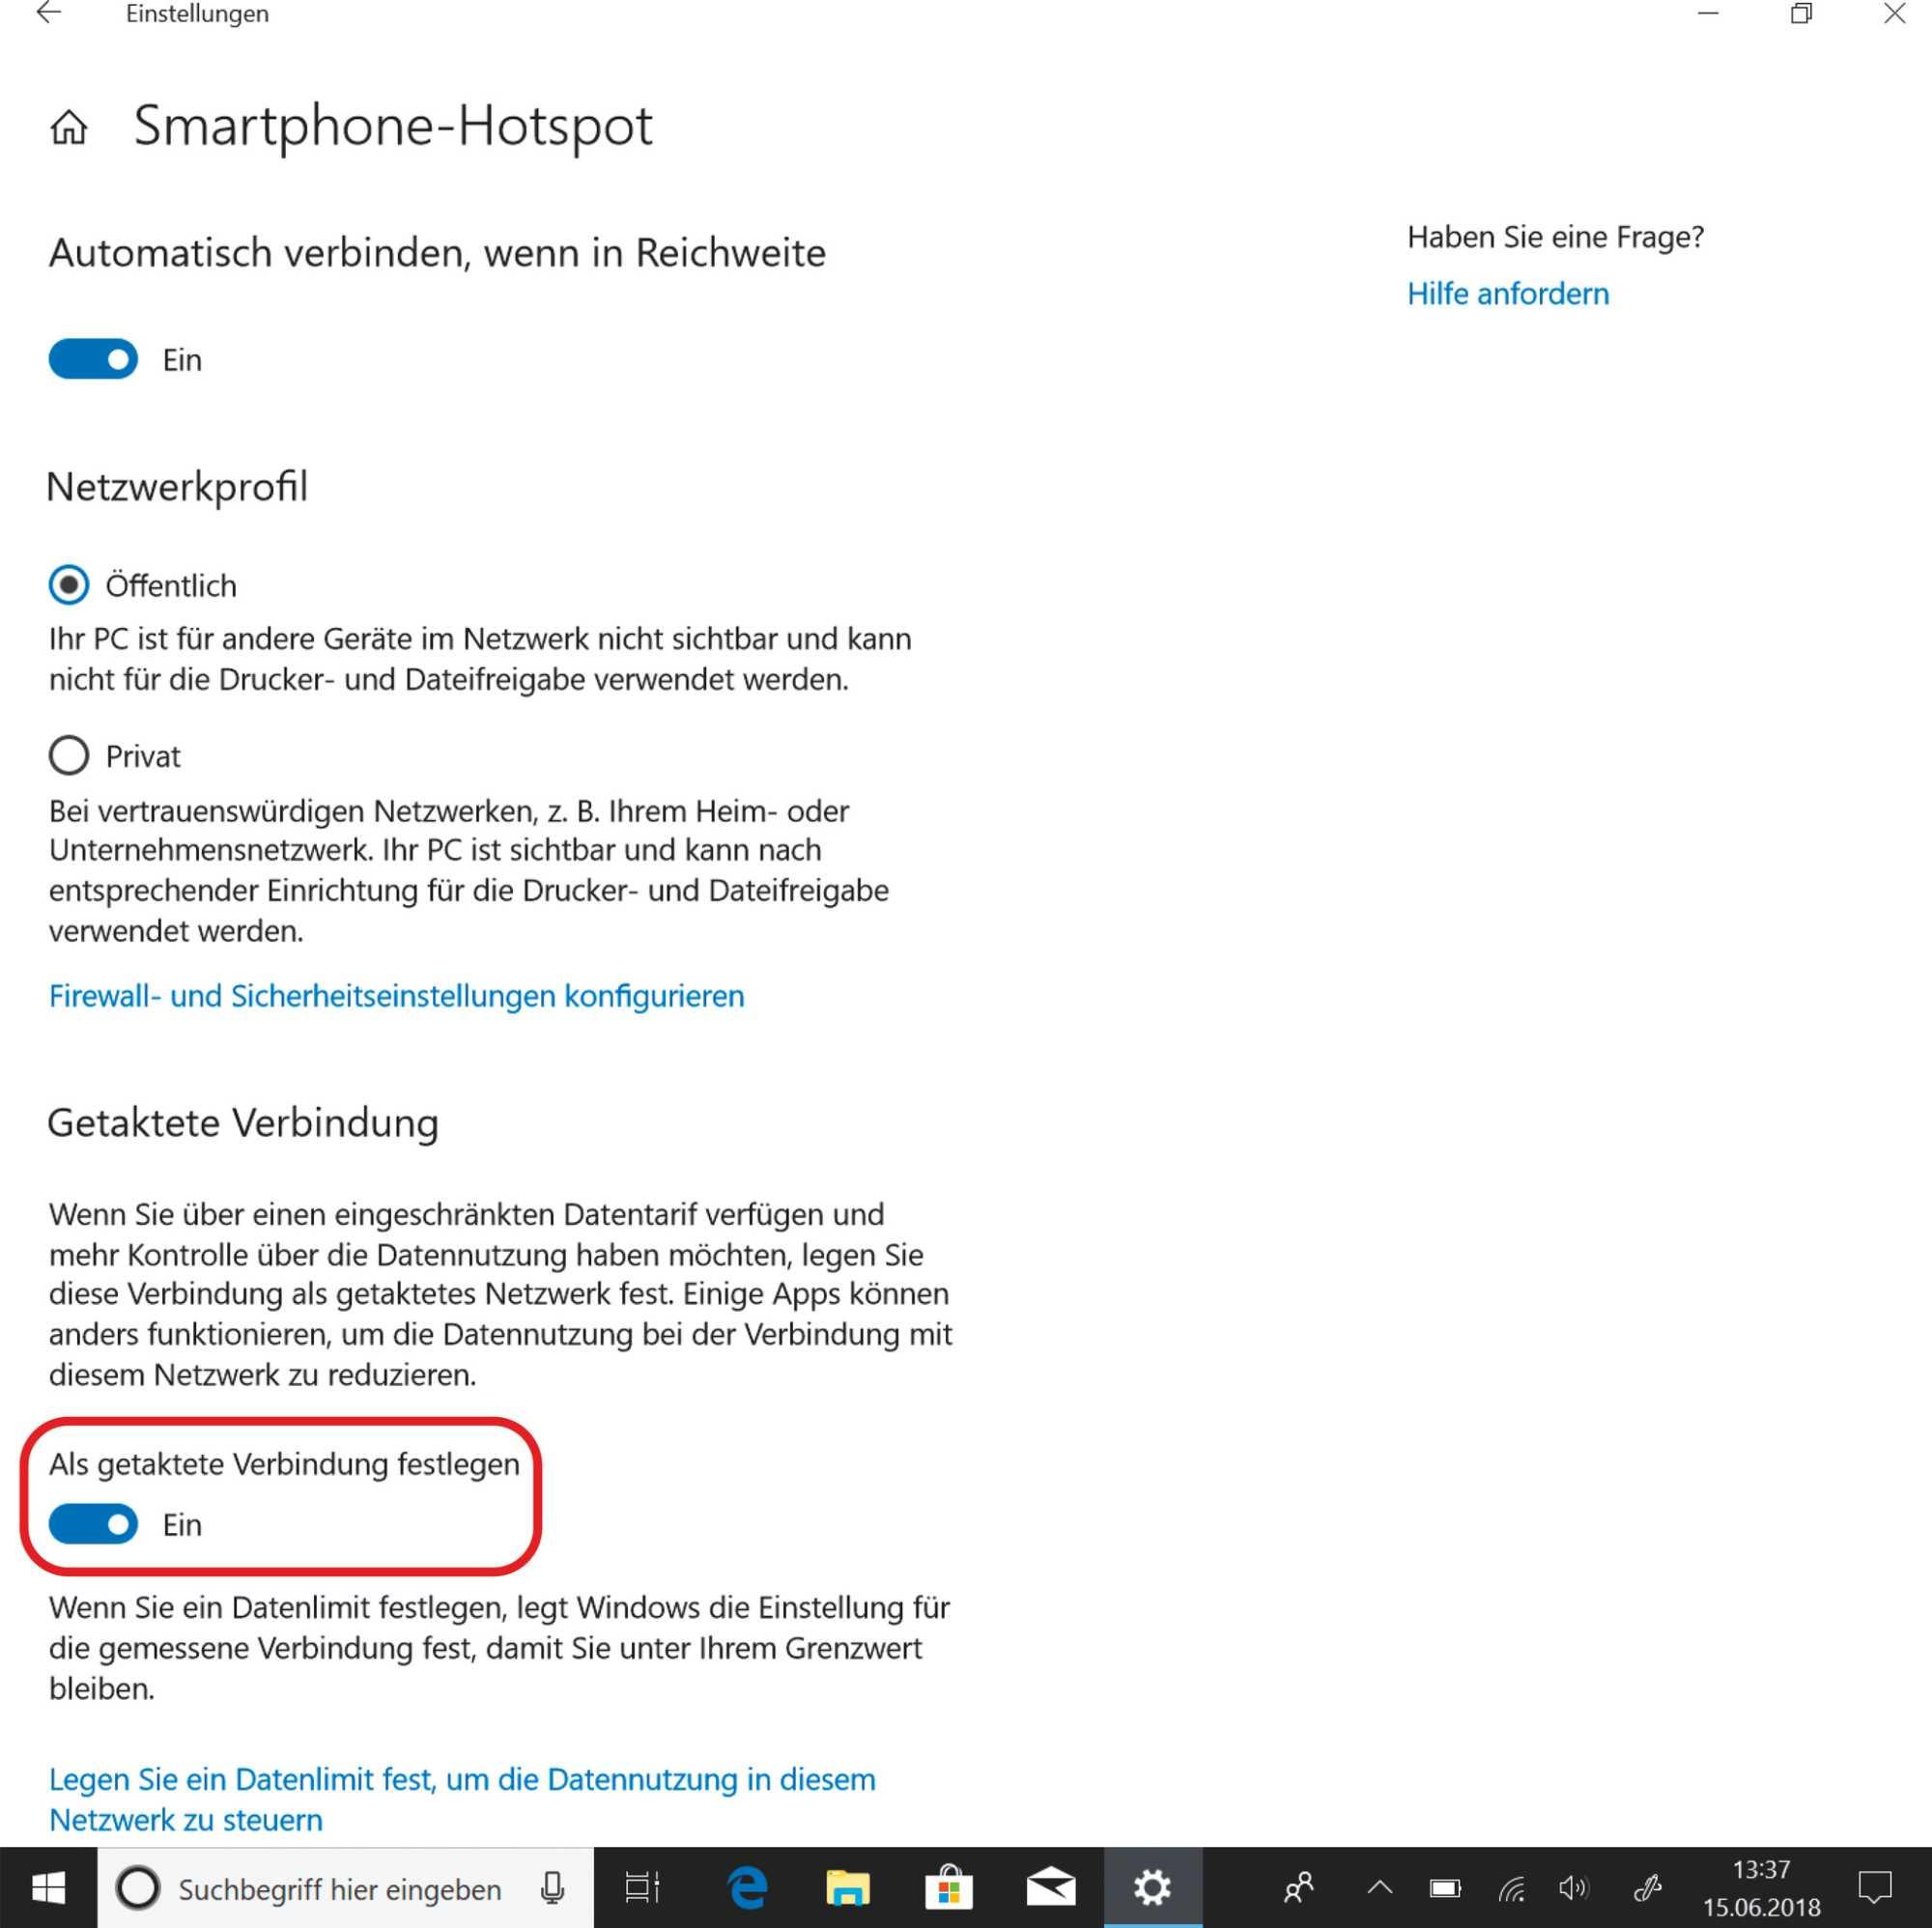 """Nutzt man mit Windows eine Mobilfunkverbindung oder ein anderes Netzwerk mit Volumenbegrenzung, sollte man die Option """"Getaktete Verbindung"""" aktivieren."""